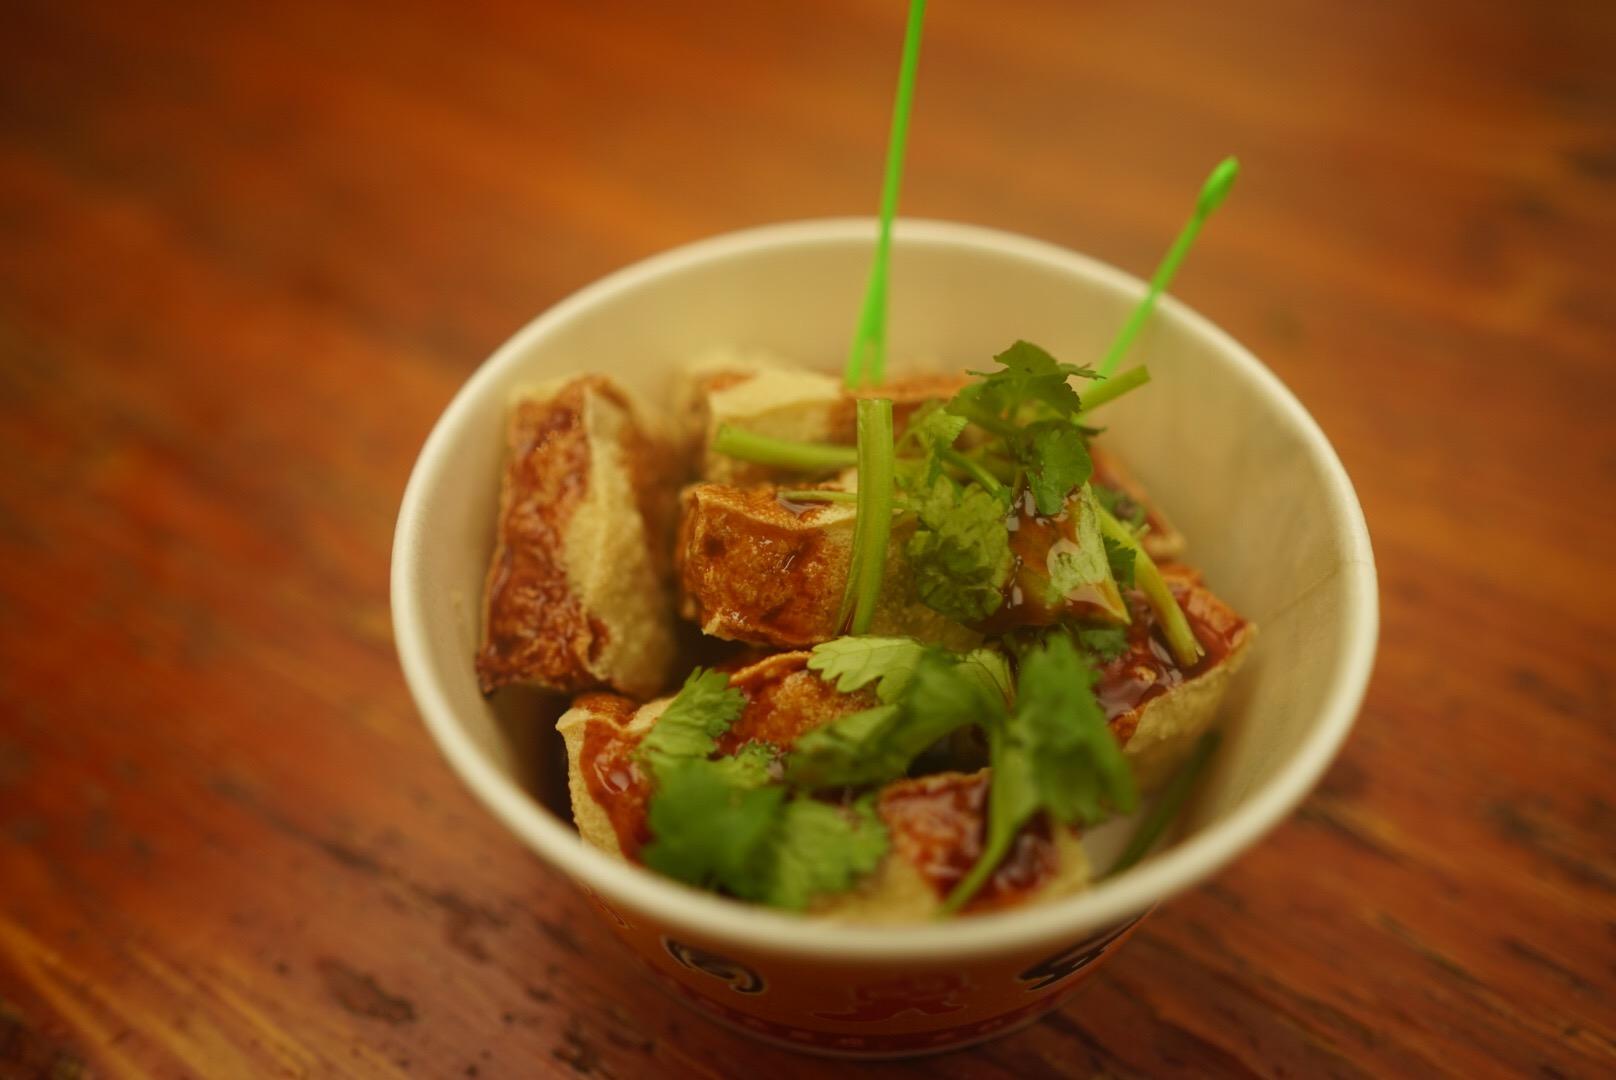 杭州市の河坊街屋台ストリートの「臭豆腐」